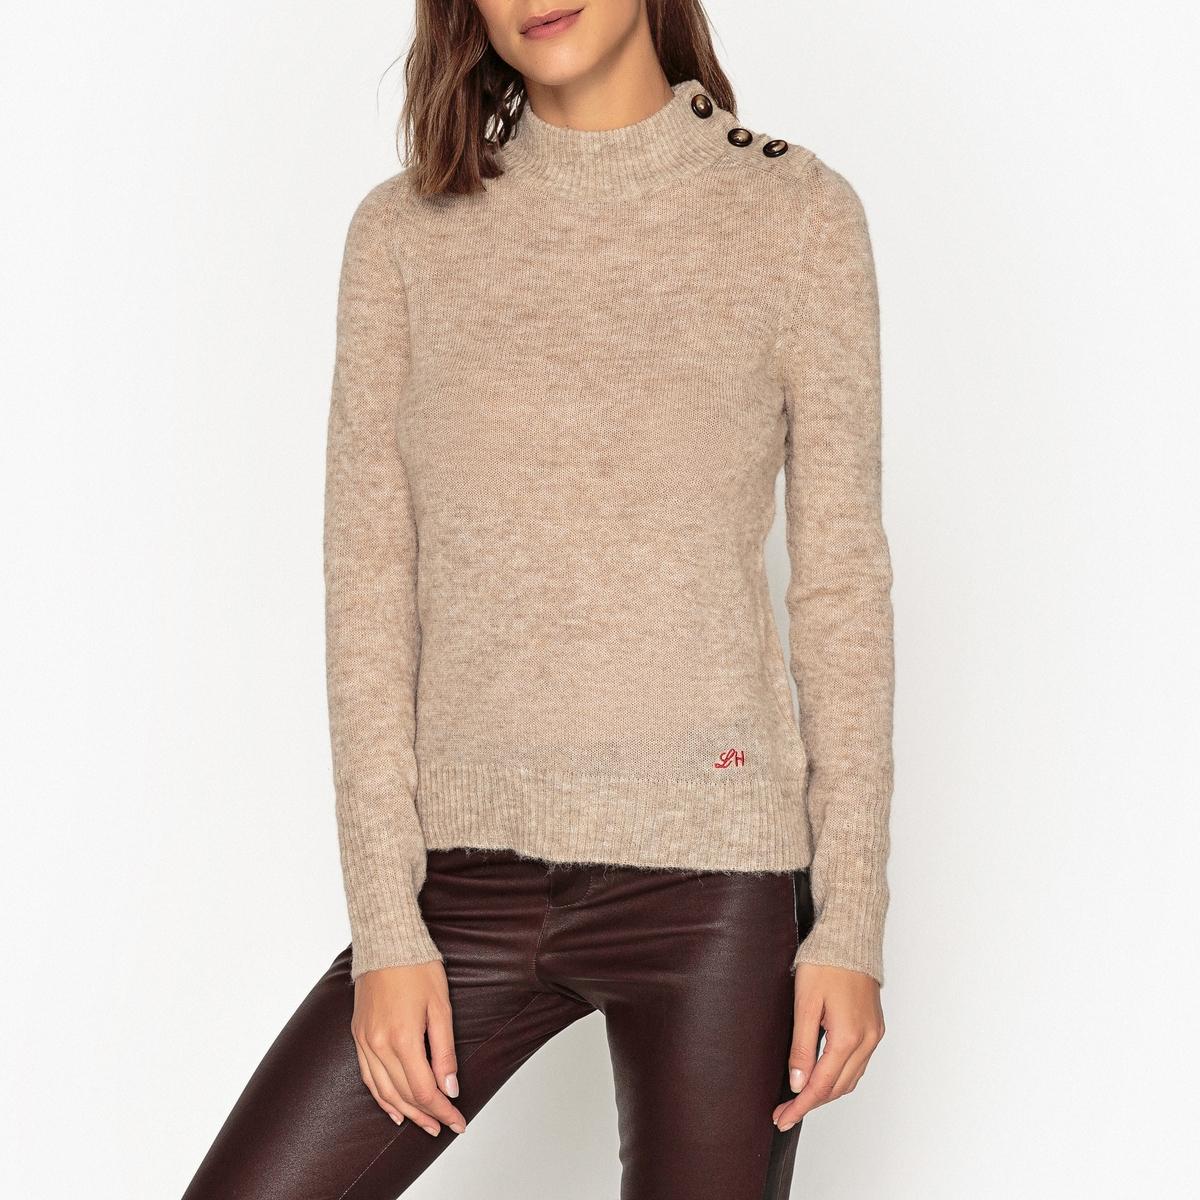 Пуловер с воротником-стойкой из тонкого трикотажа MIMOSA женский пуловер brand new 2015